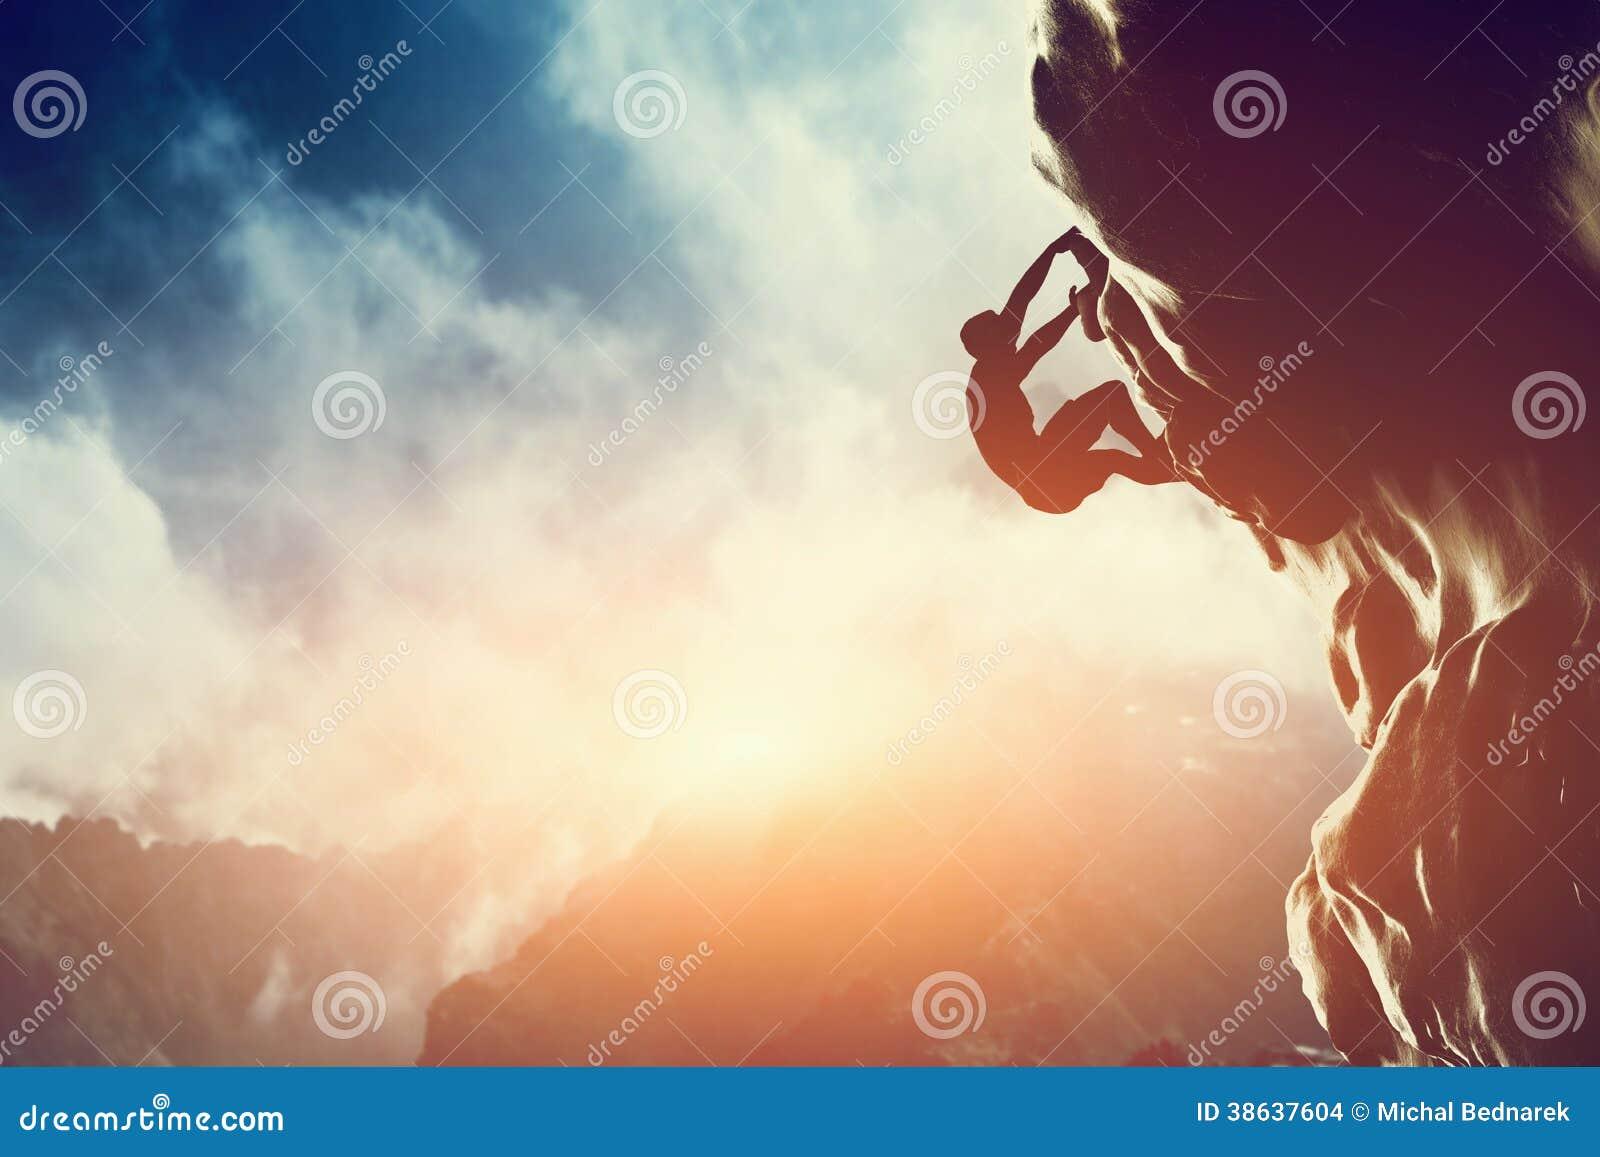 Μια σκιαγραφία του ατόμου που αναρριχείται στο βράχο, βουνό